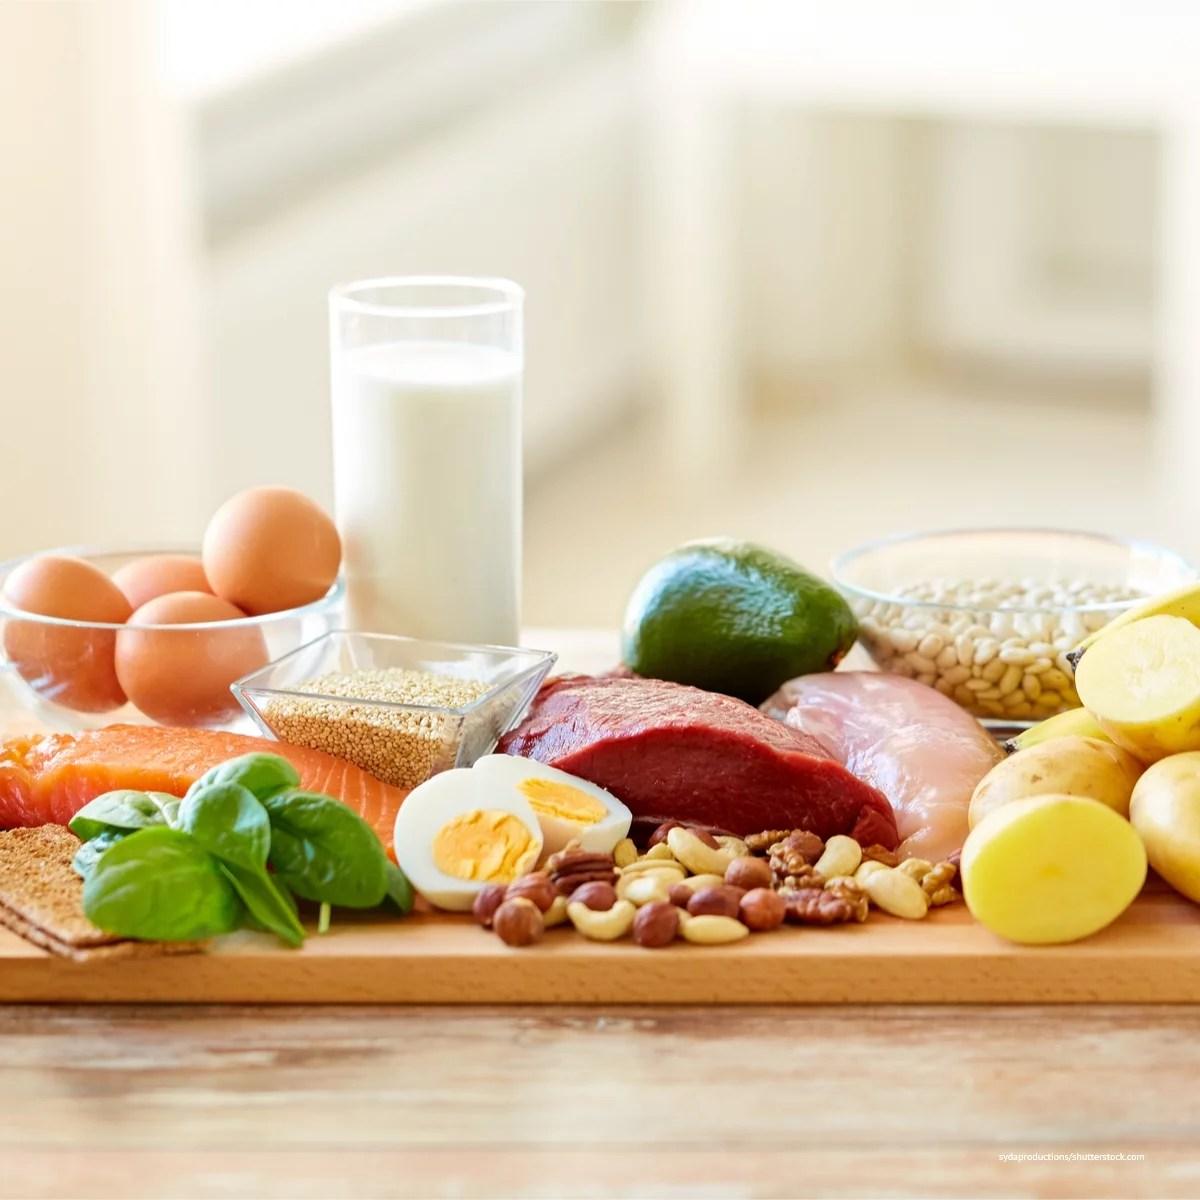 Lebensmittel mit Vitamin B12: Eier, Rindfleisch, Geflügel, Milch, Lachs. Ihr Verzehr hilft, einen Winterblues zu überwinden.